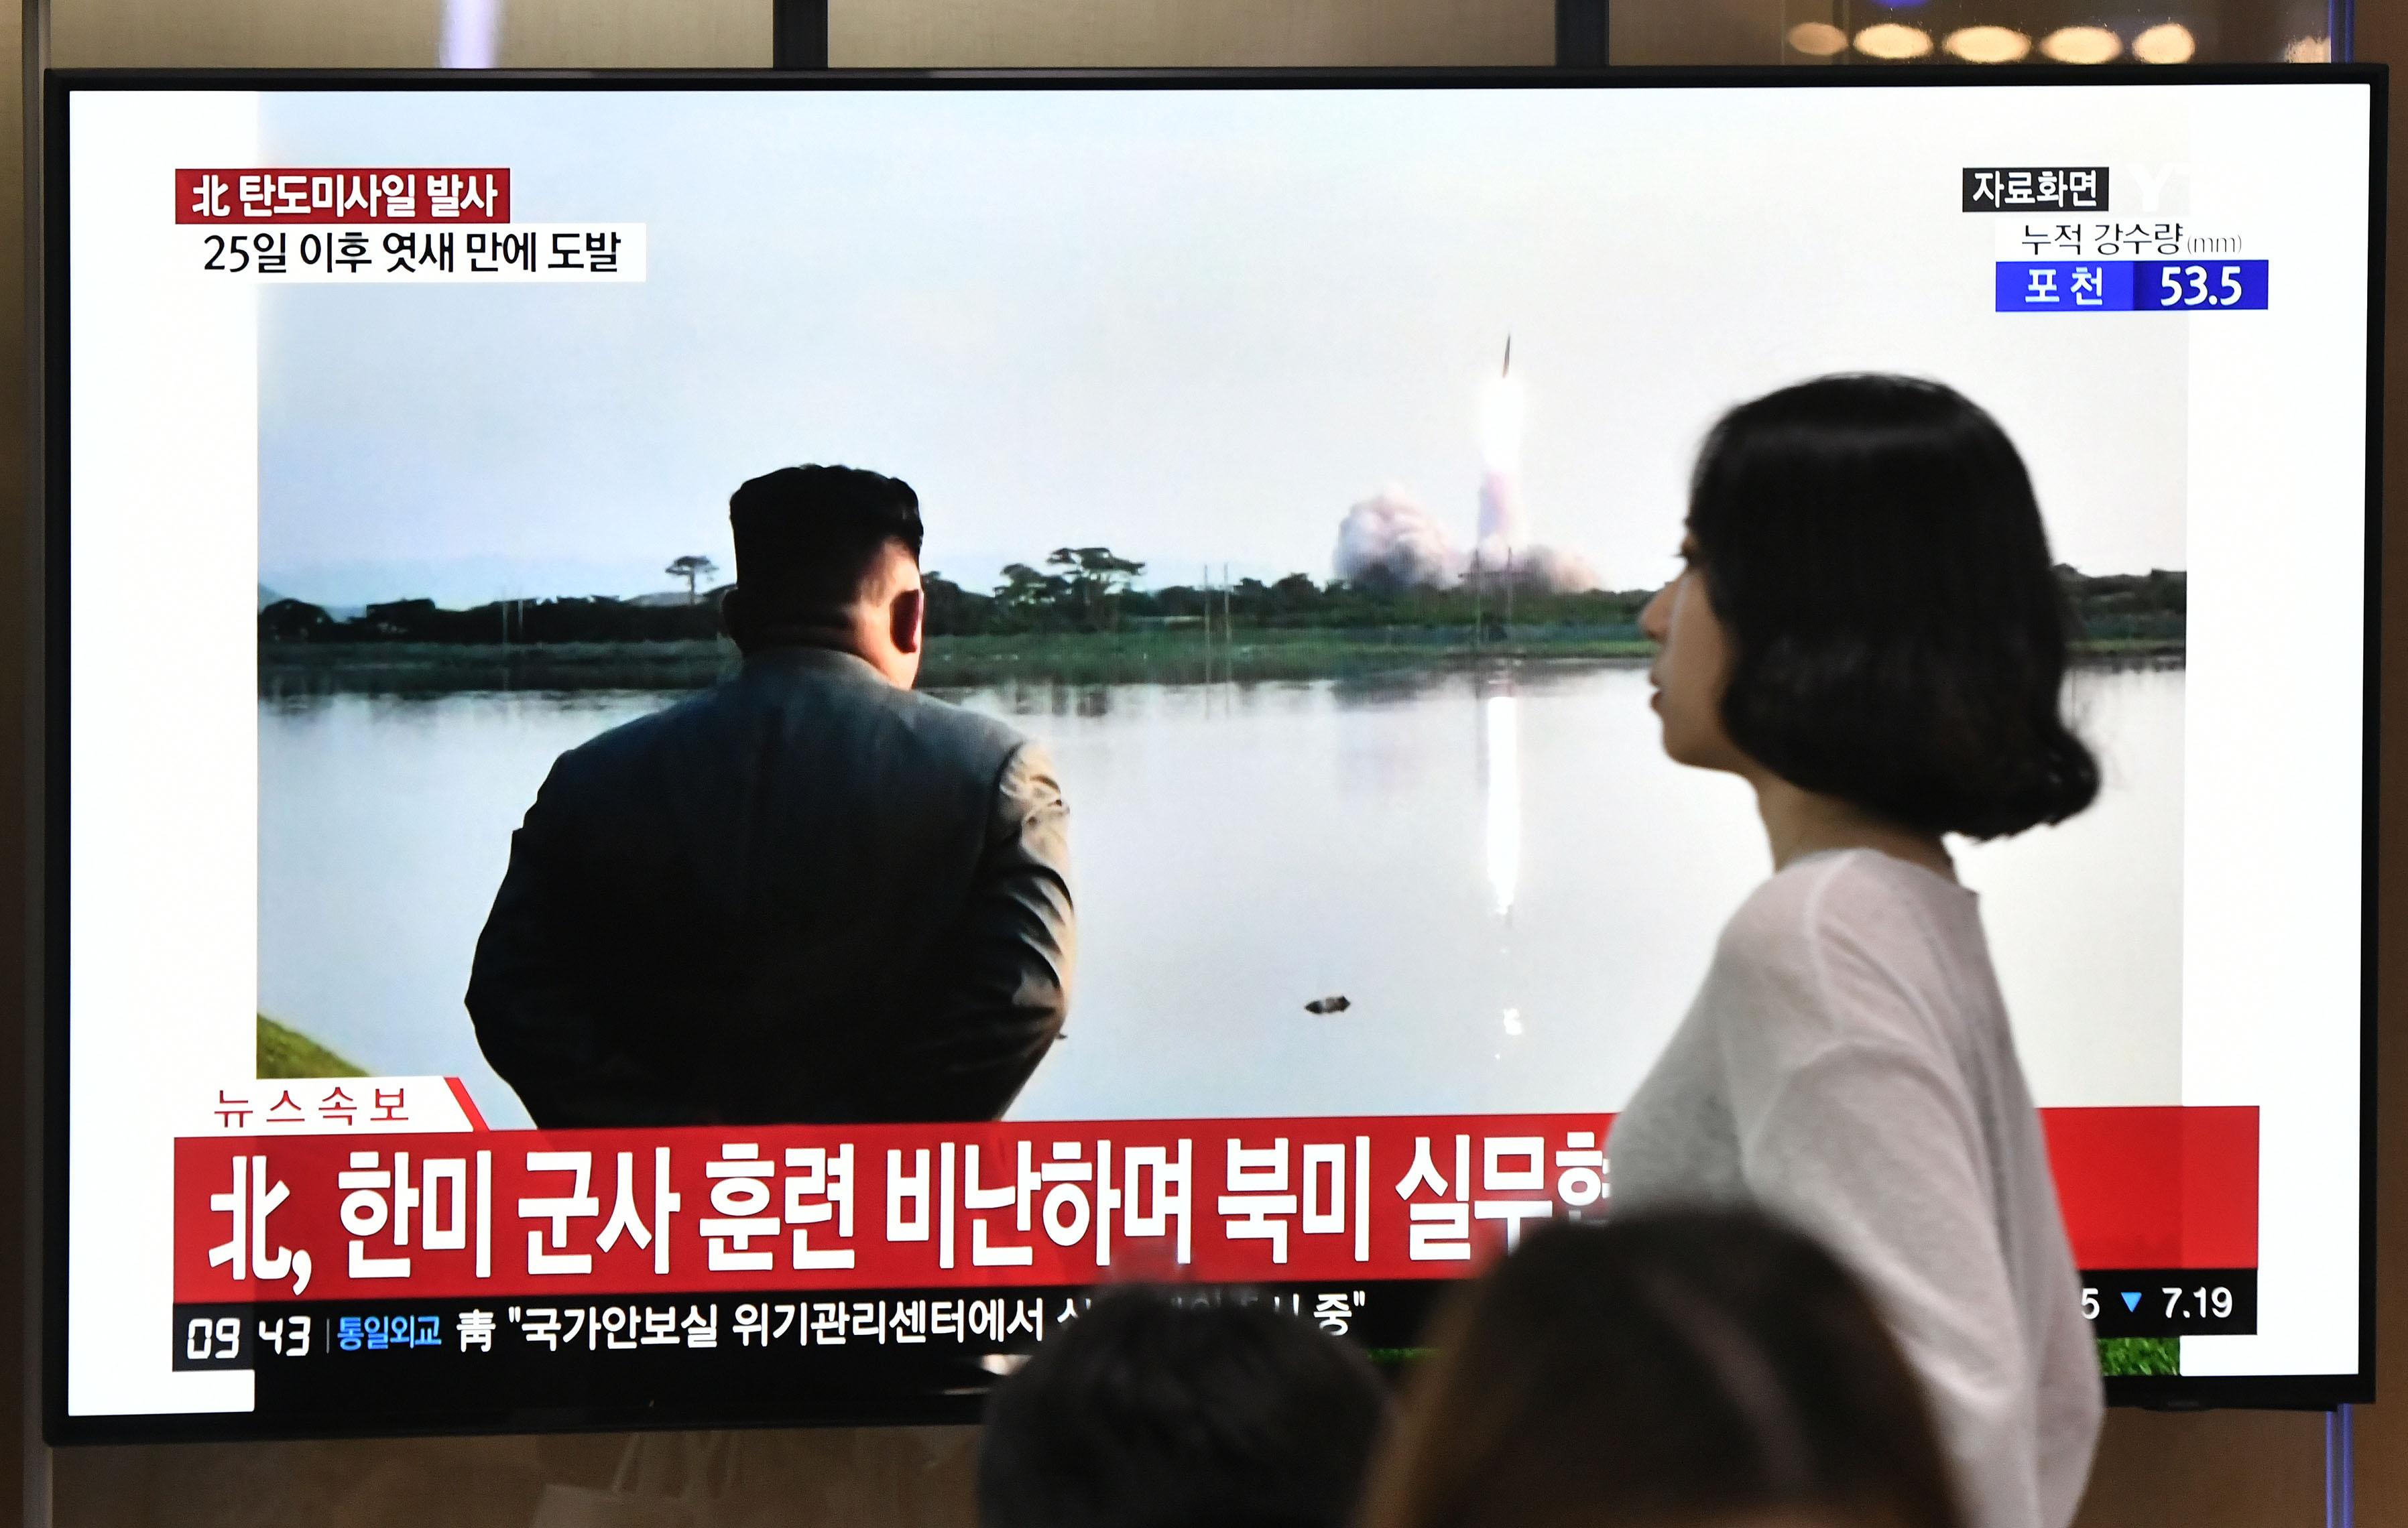 Észak-Korea most sorozatvető rakétarendszert tesztelt